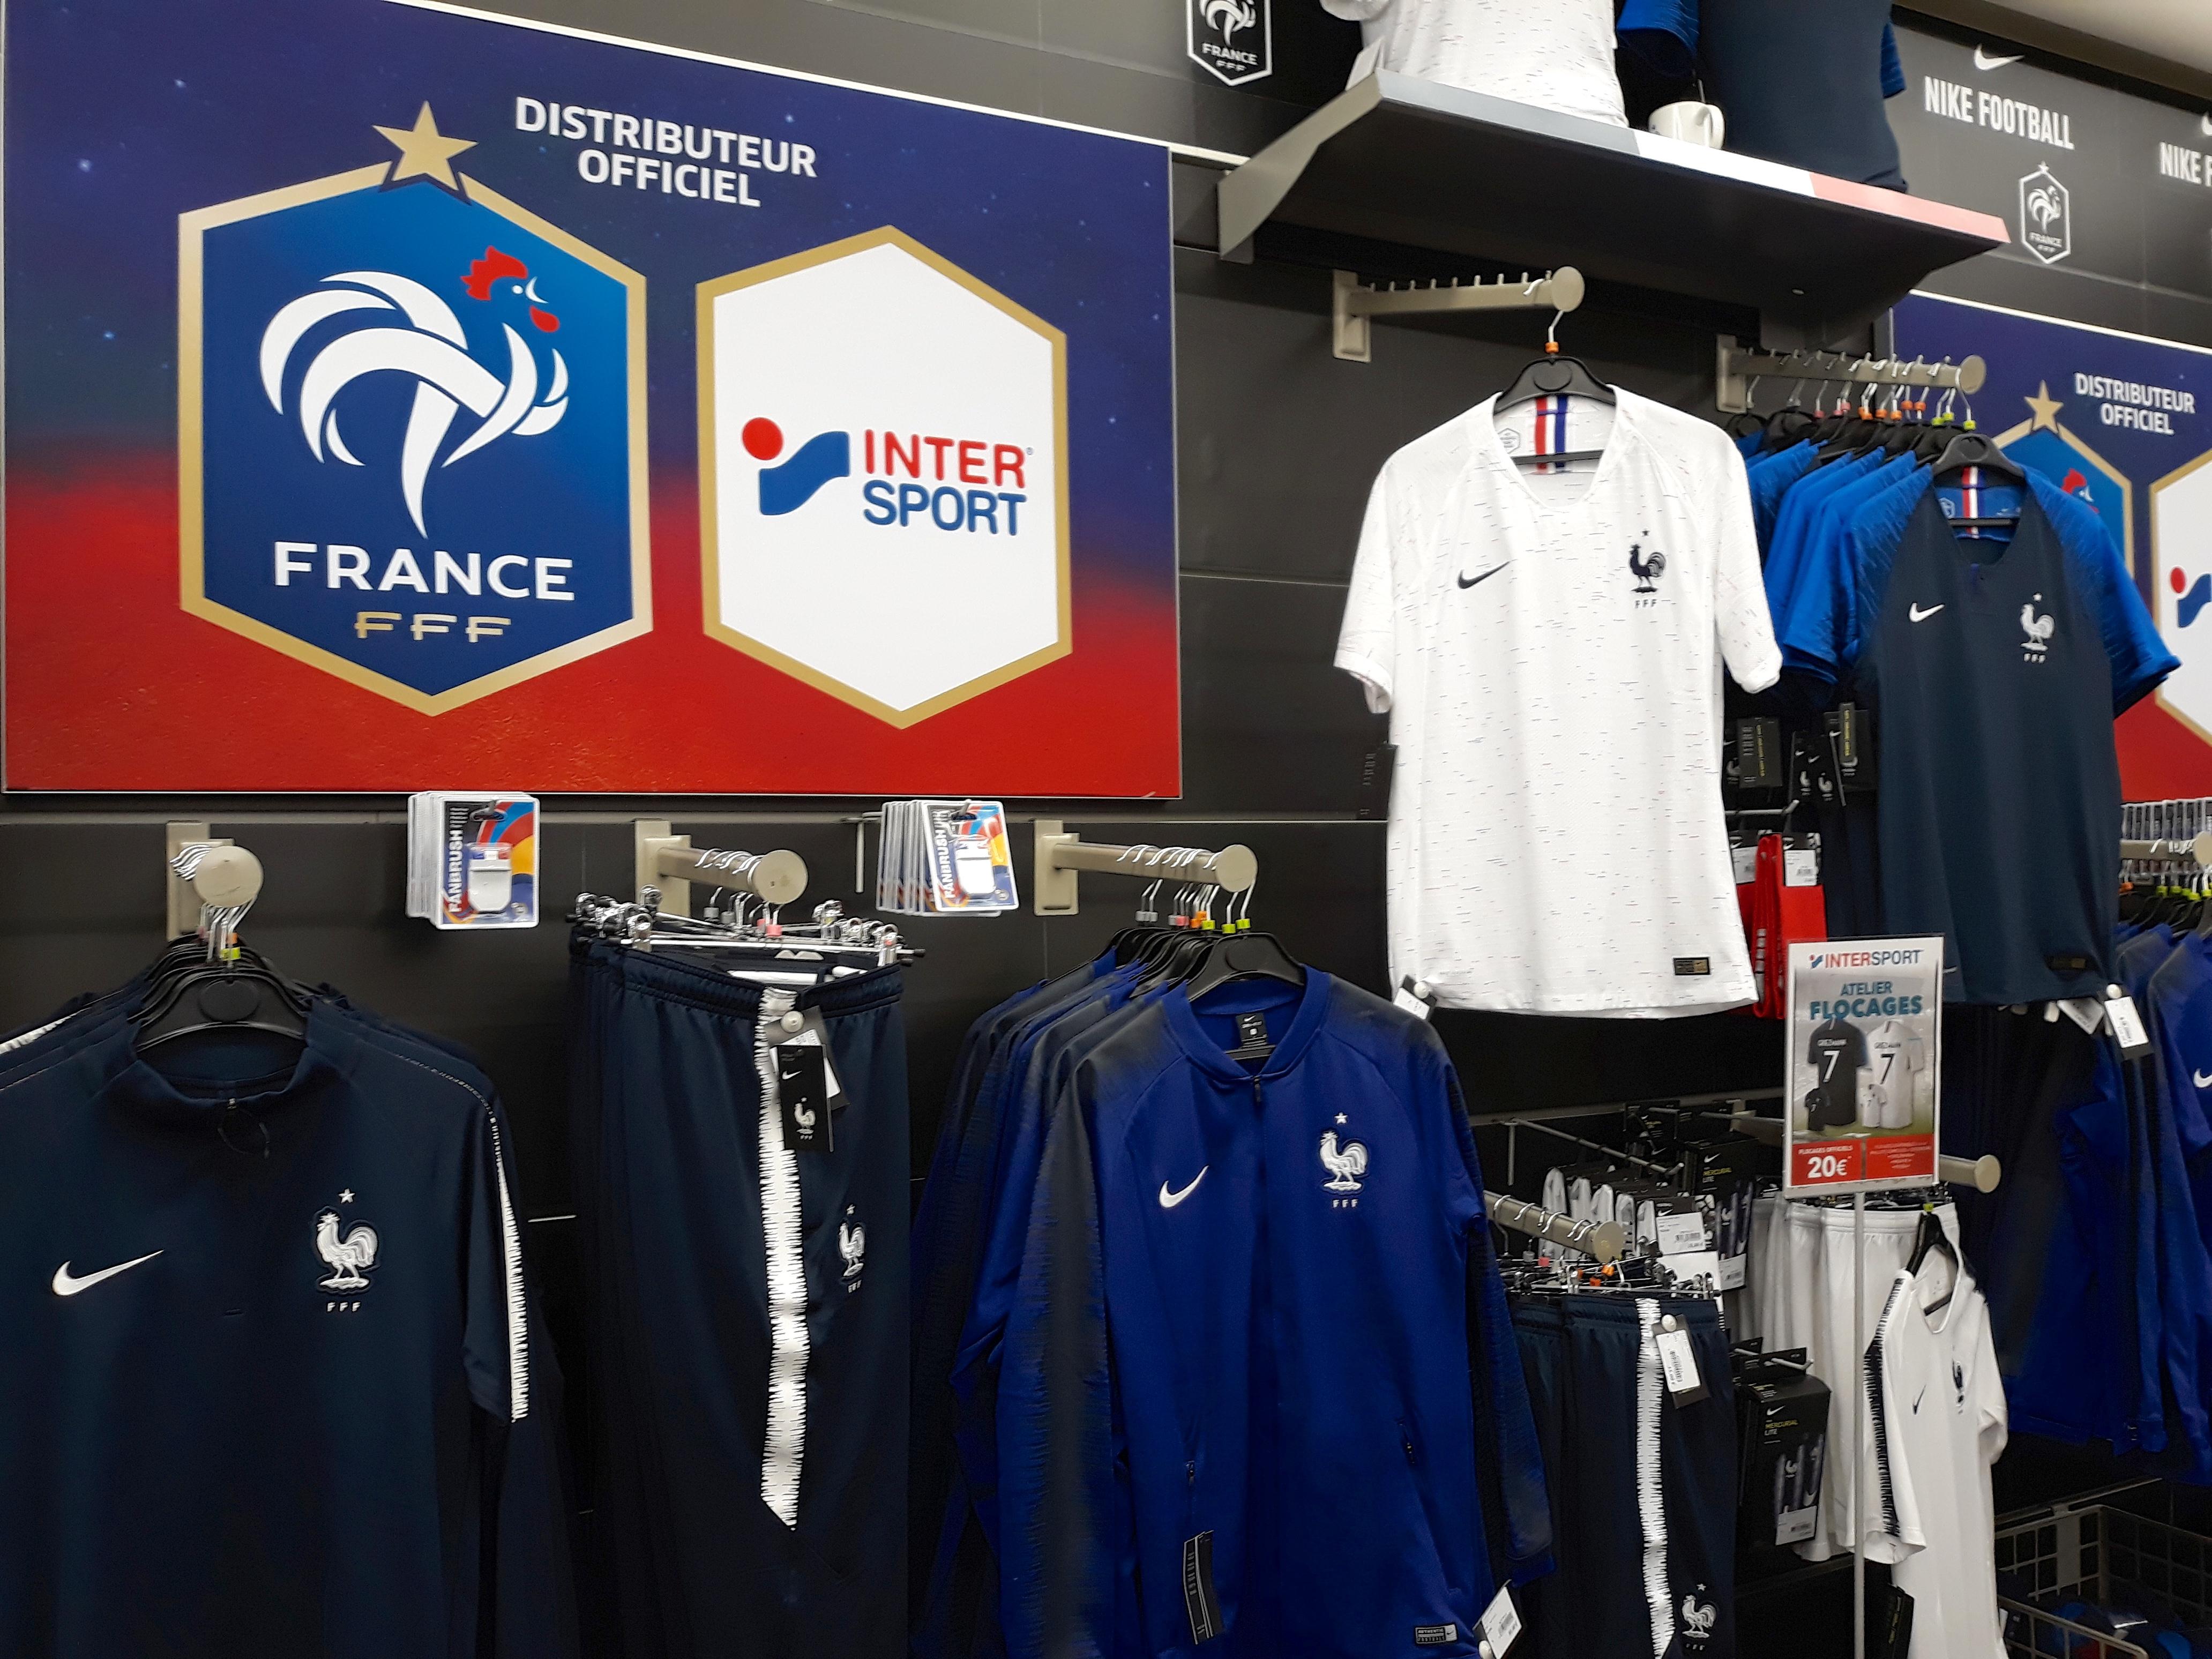 d2562111b5 Fichier:Maillots de l'équipe de France pour le Mondial 2018.jpg ...